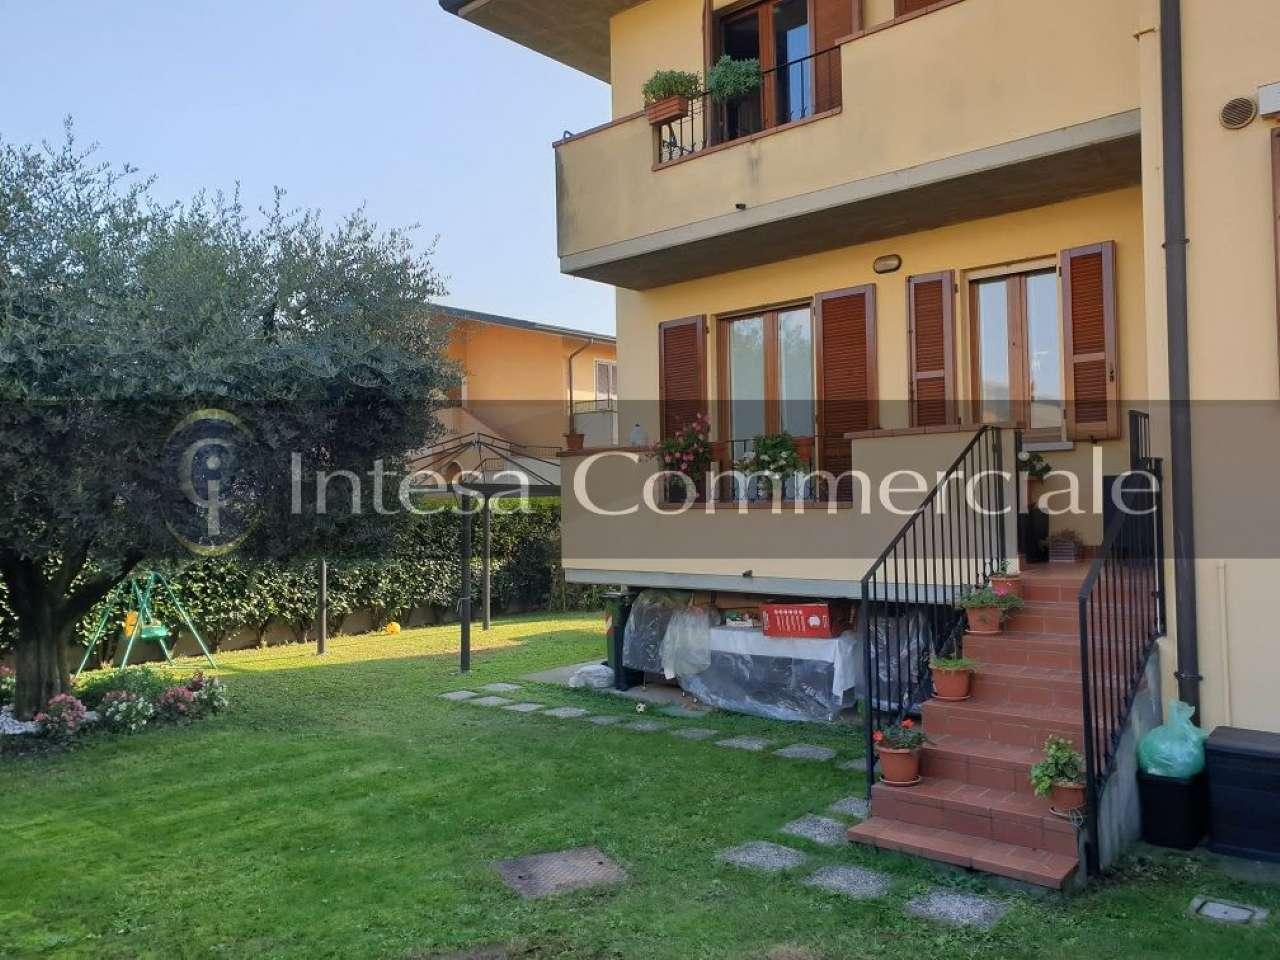 Appartamento in vendita a Torbole Casaglia, 3 locali, prezzo € 168.000 | PortaleAgenzieImmobiliari.it